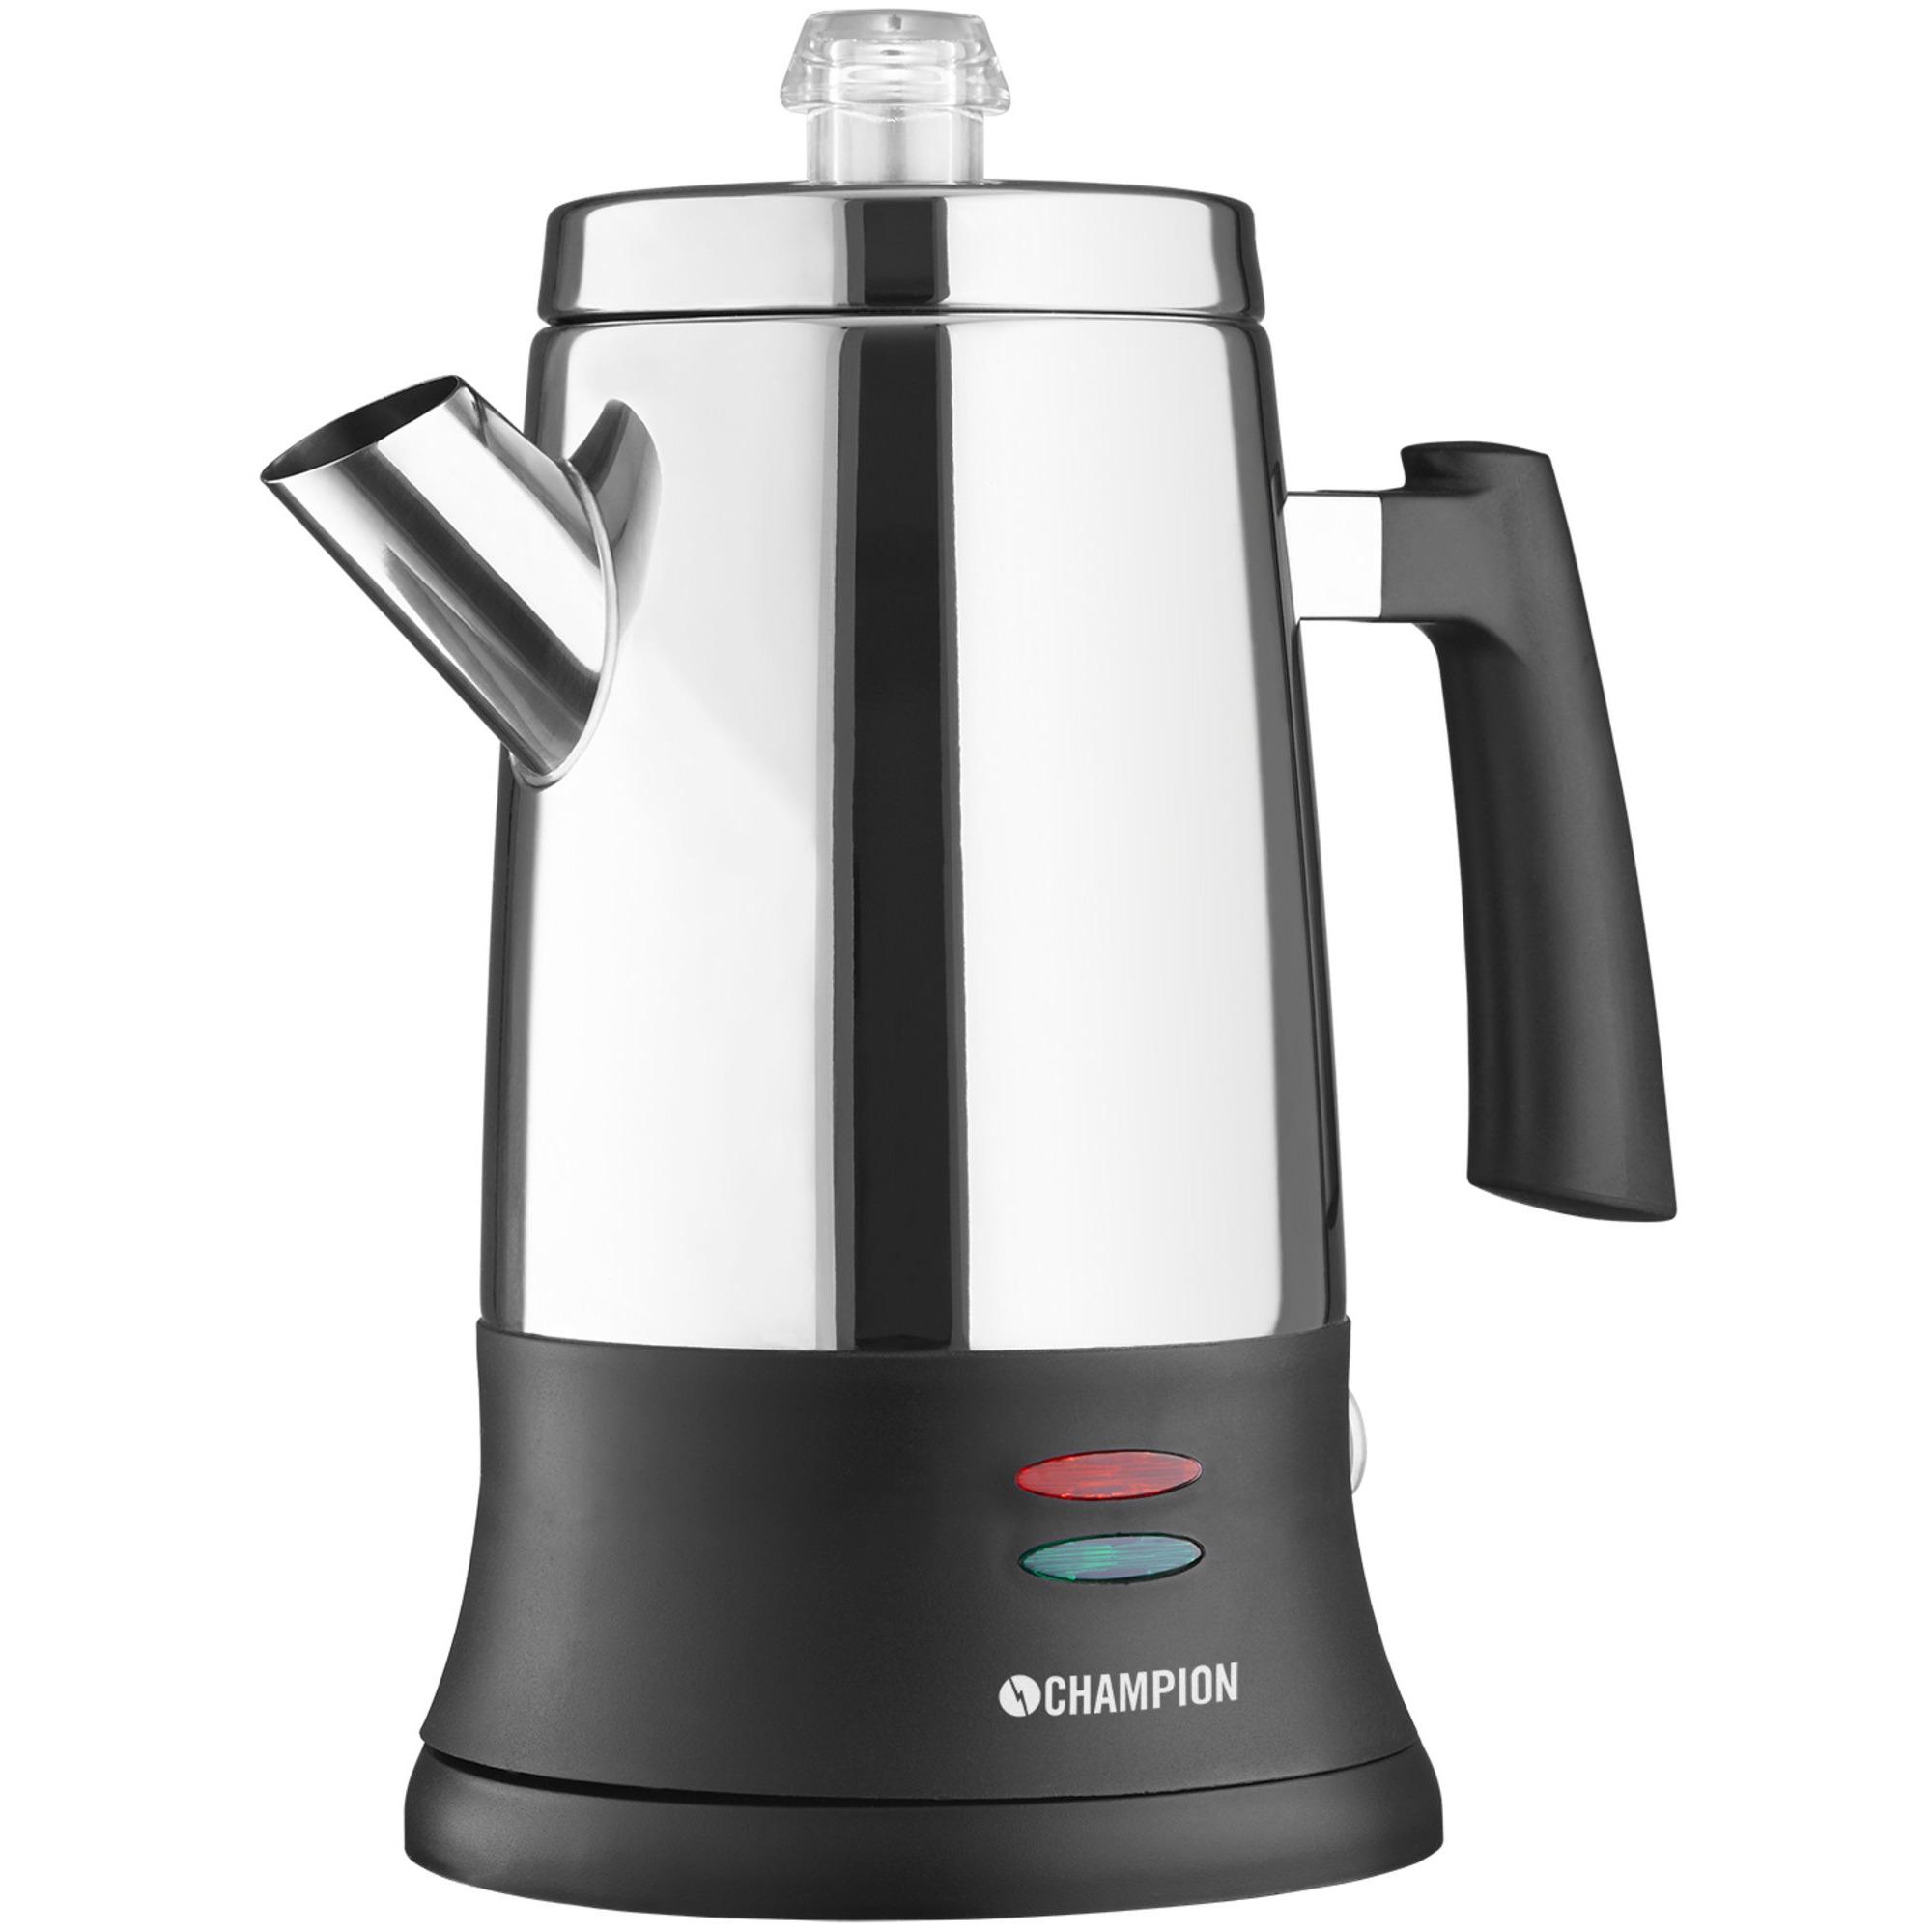 Champion Kaffebryggare Perkolator ECO 6 koppar